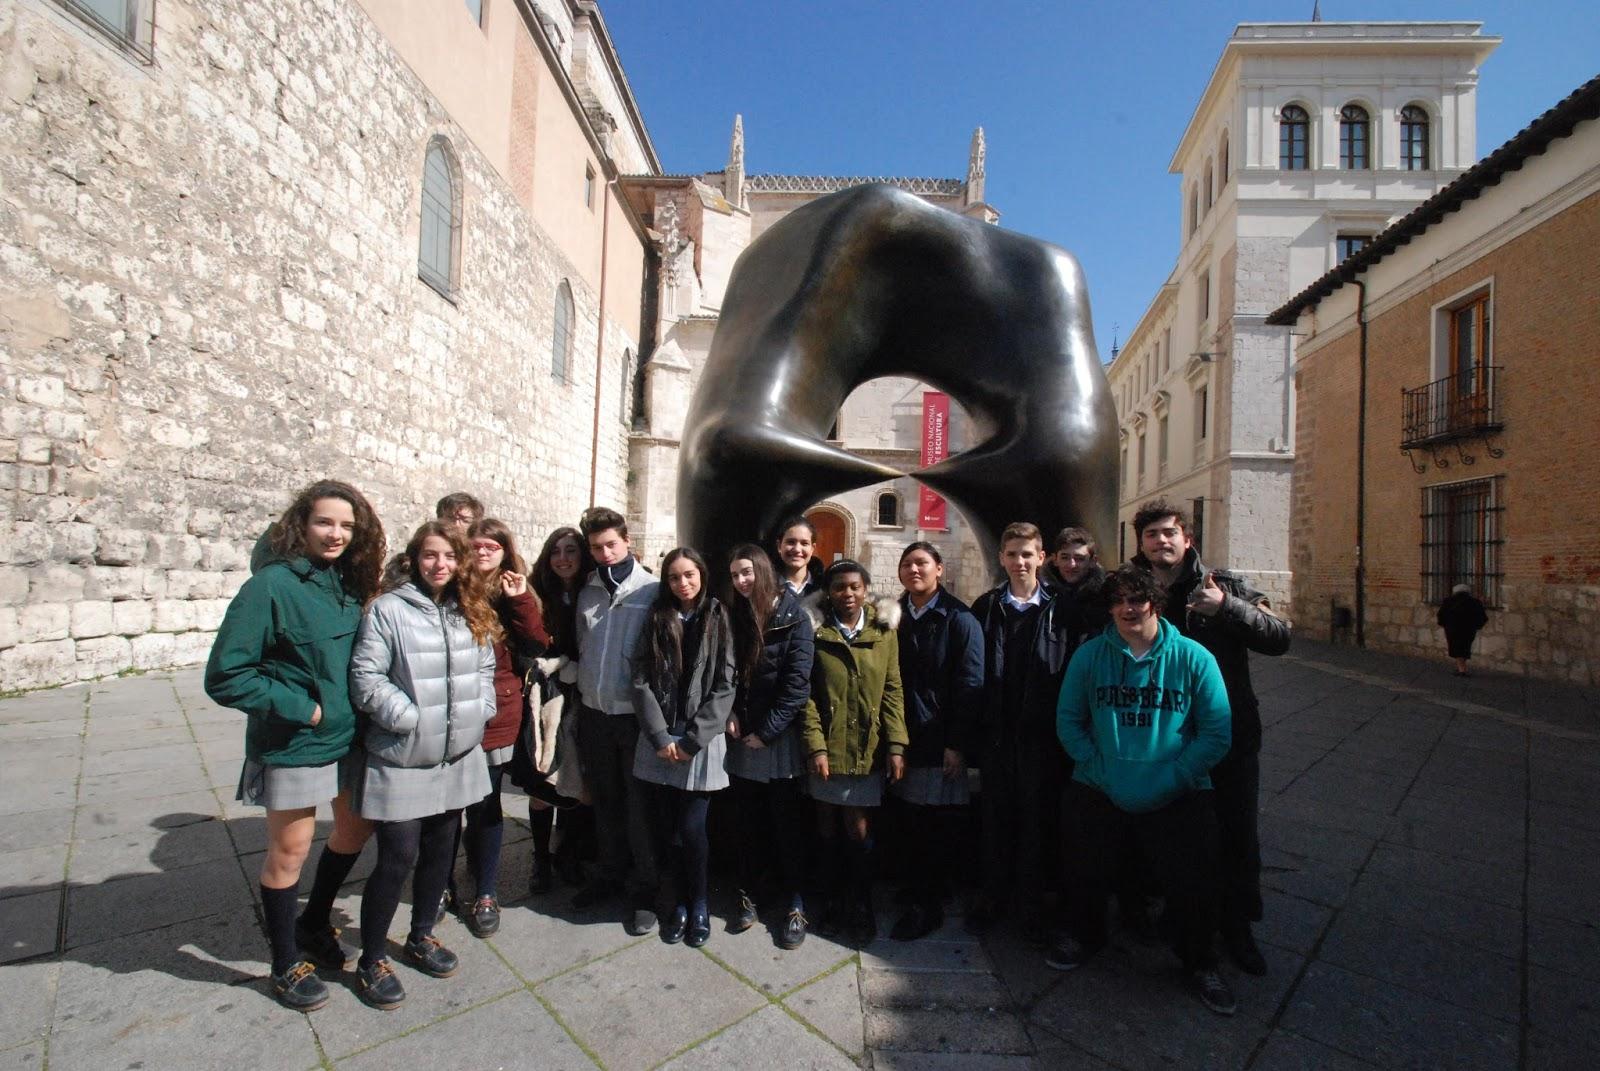 Agustinas Valladolid - 2017 - ESO 4 - Exposicion Henry Moore 2